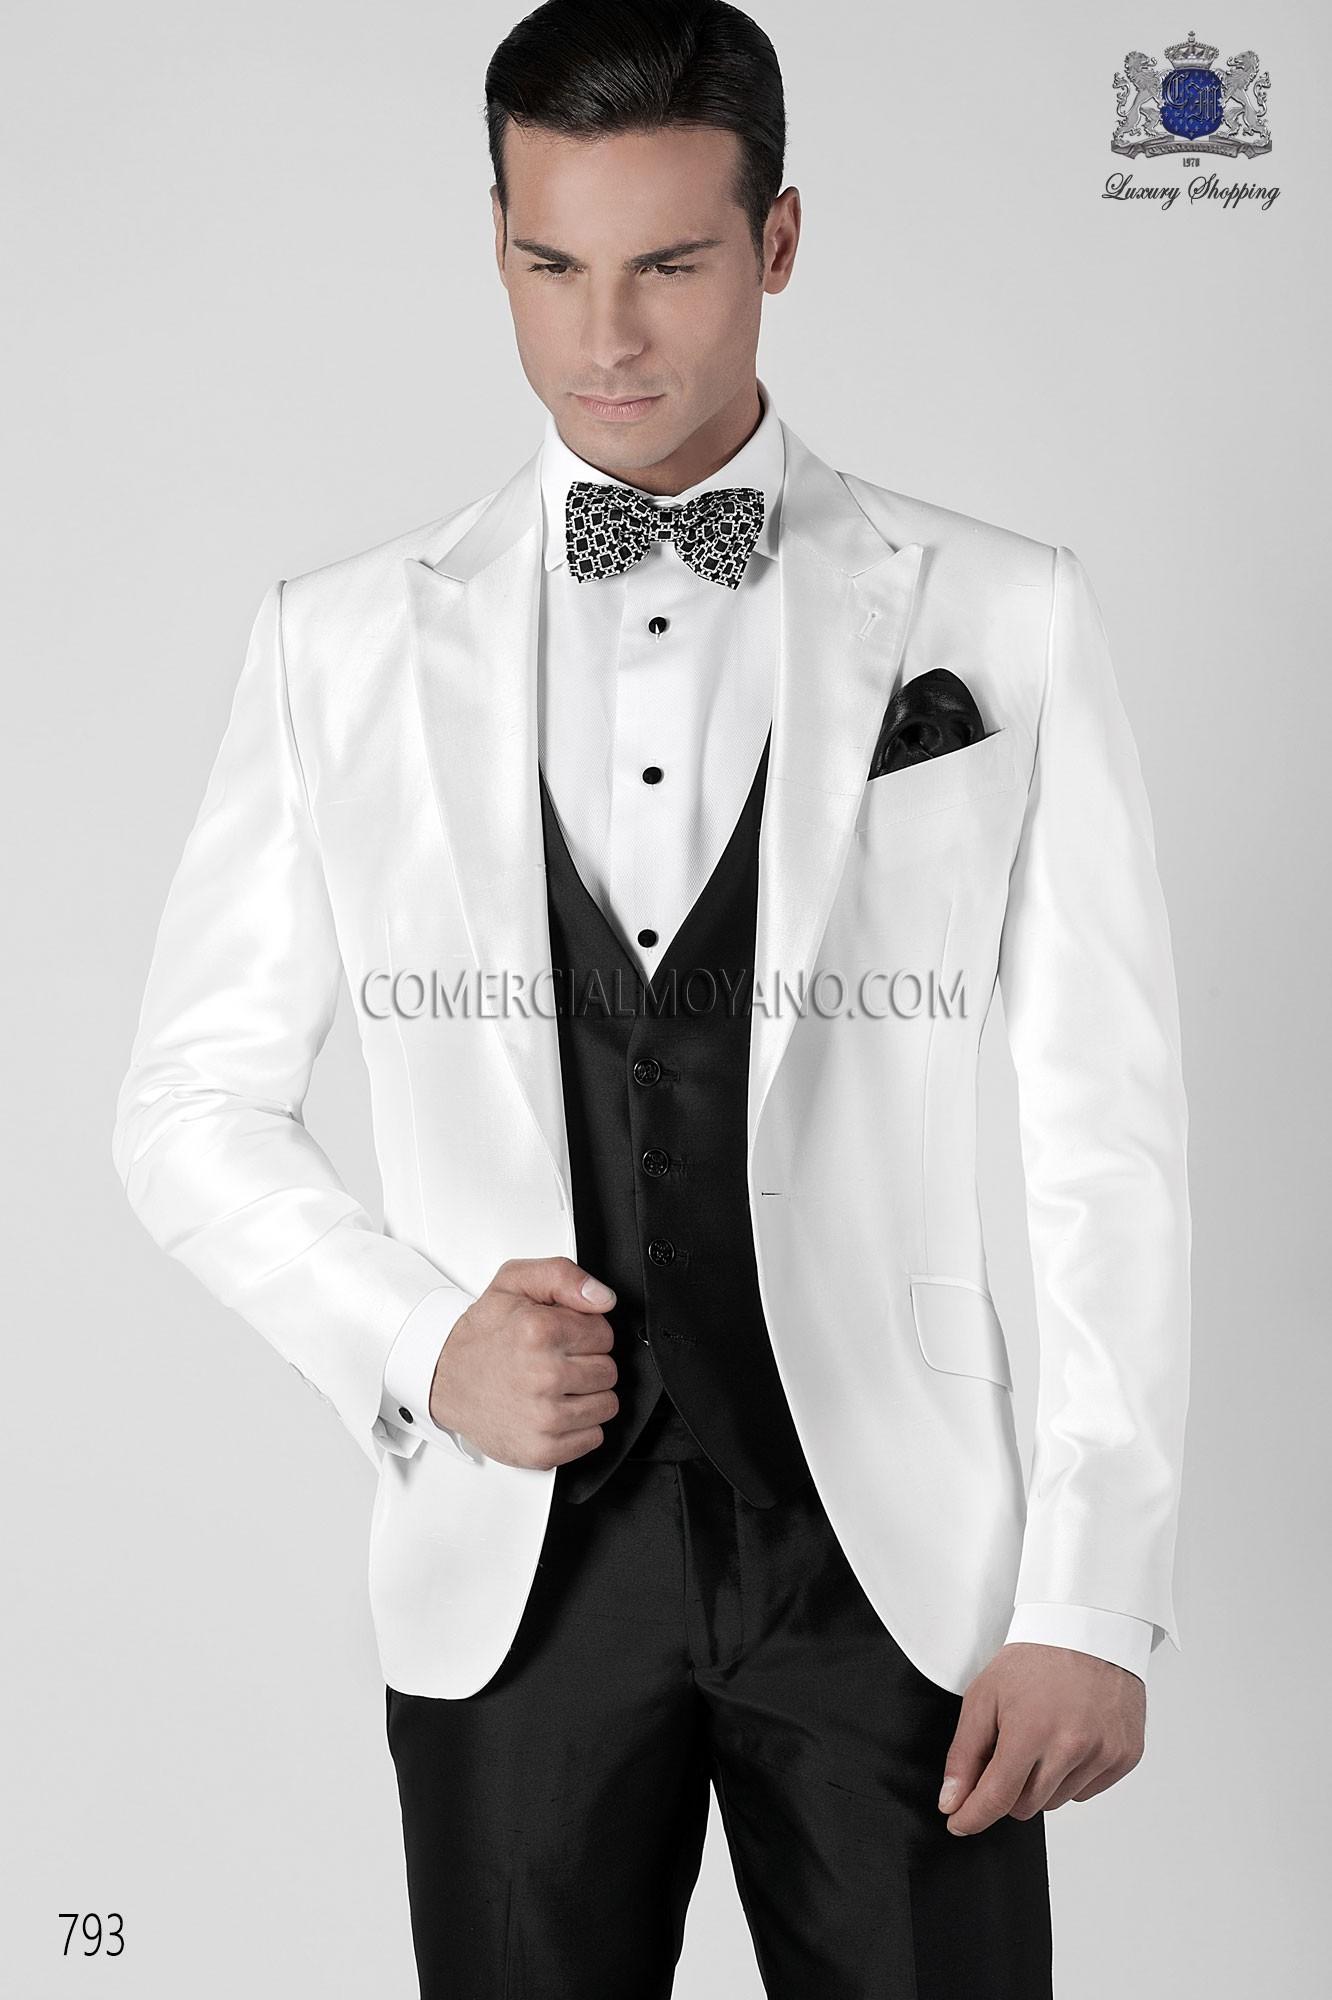 Traje de fiesta hombre blanco modelo: 793 Ottavio Nuccio Gala colección Black Tie